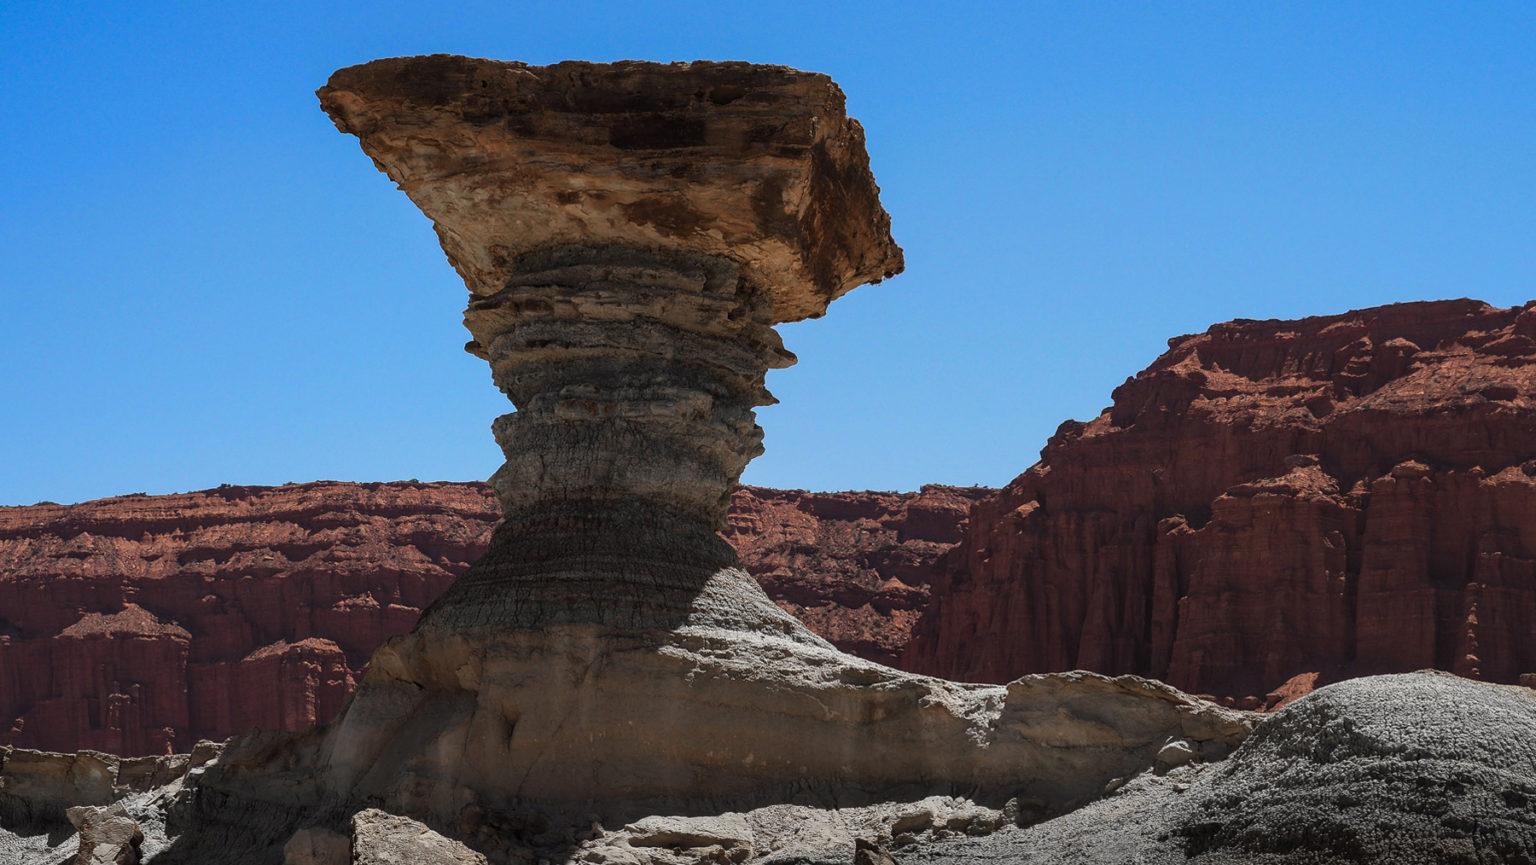 Weiße Formationen vor roten Felswänden